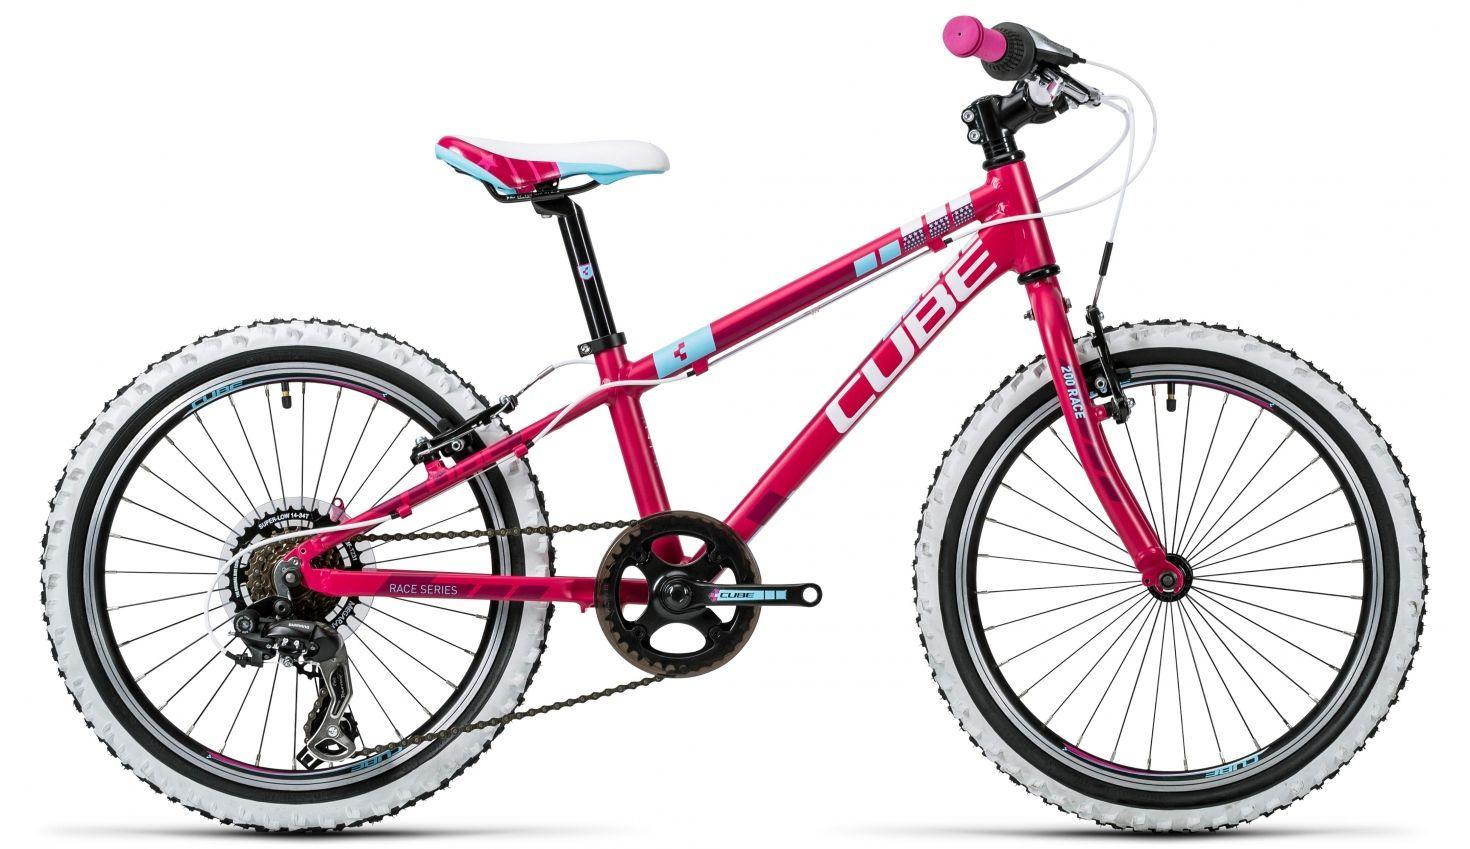 Cube Kid 200 Lapset lasten polkupyörä, vaaleanpunainen - Bikester - uskomattomaan hintaan